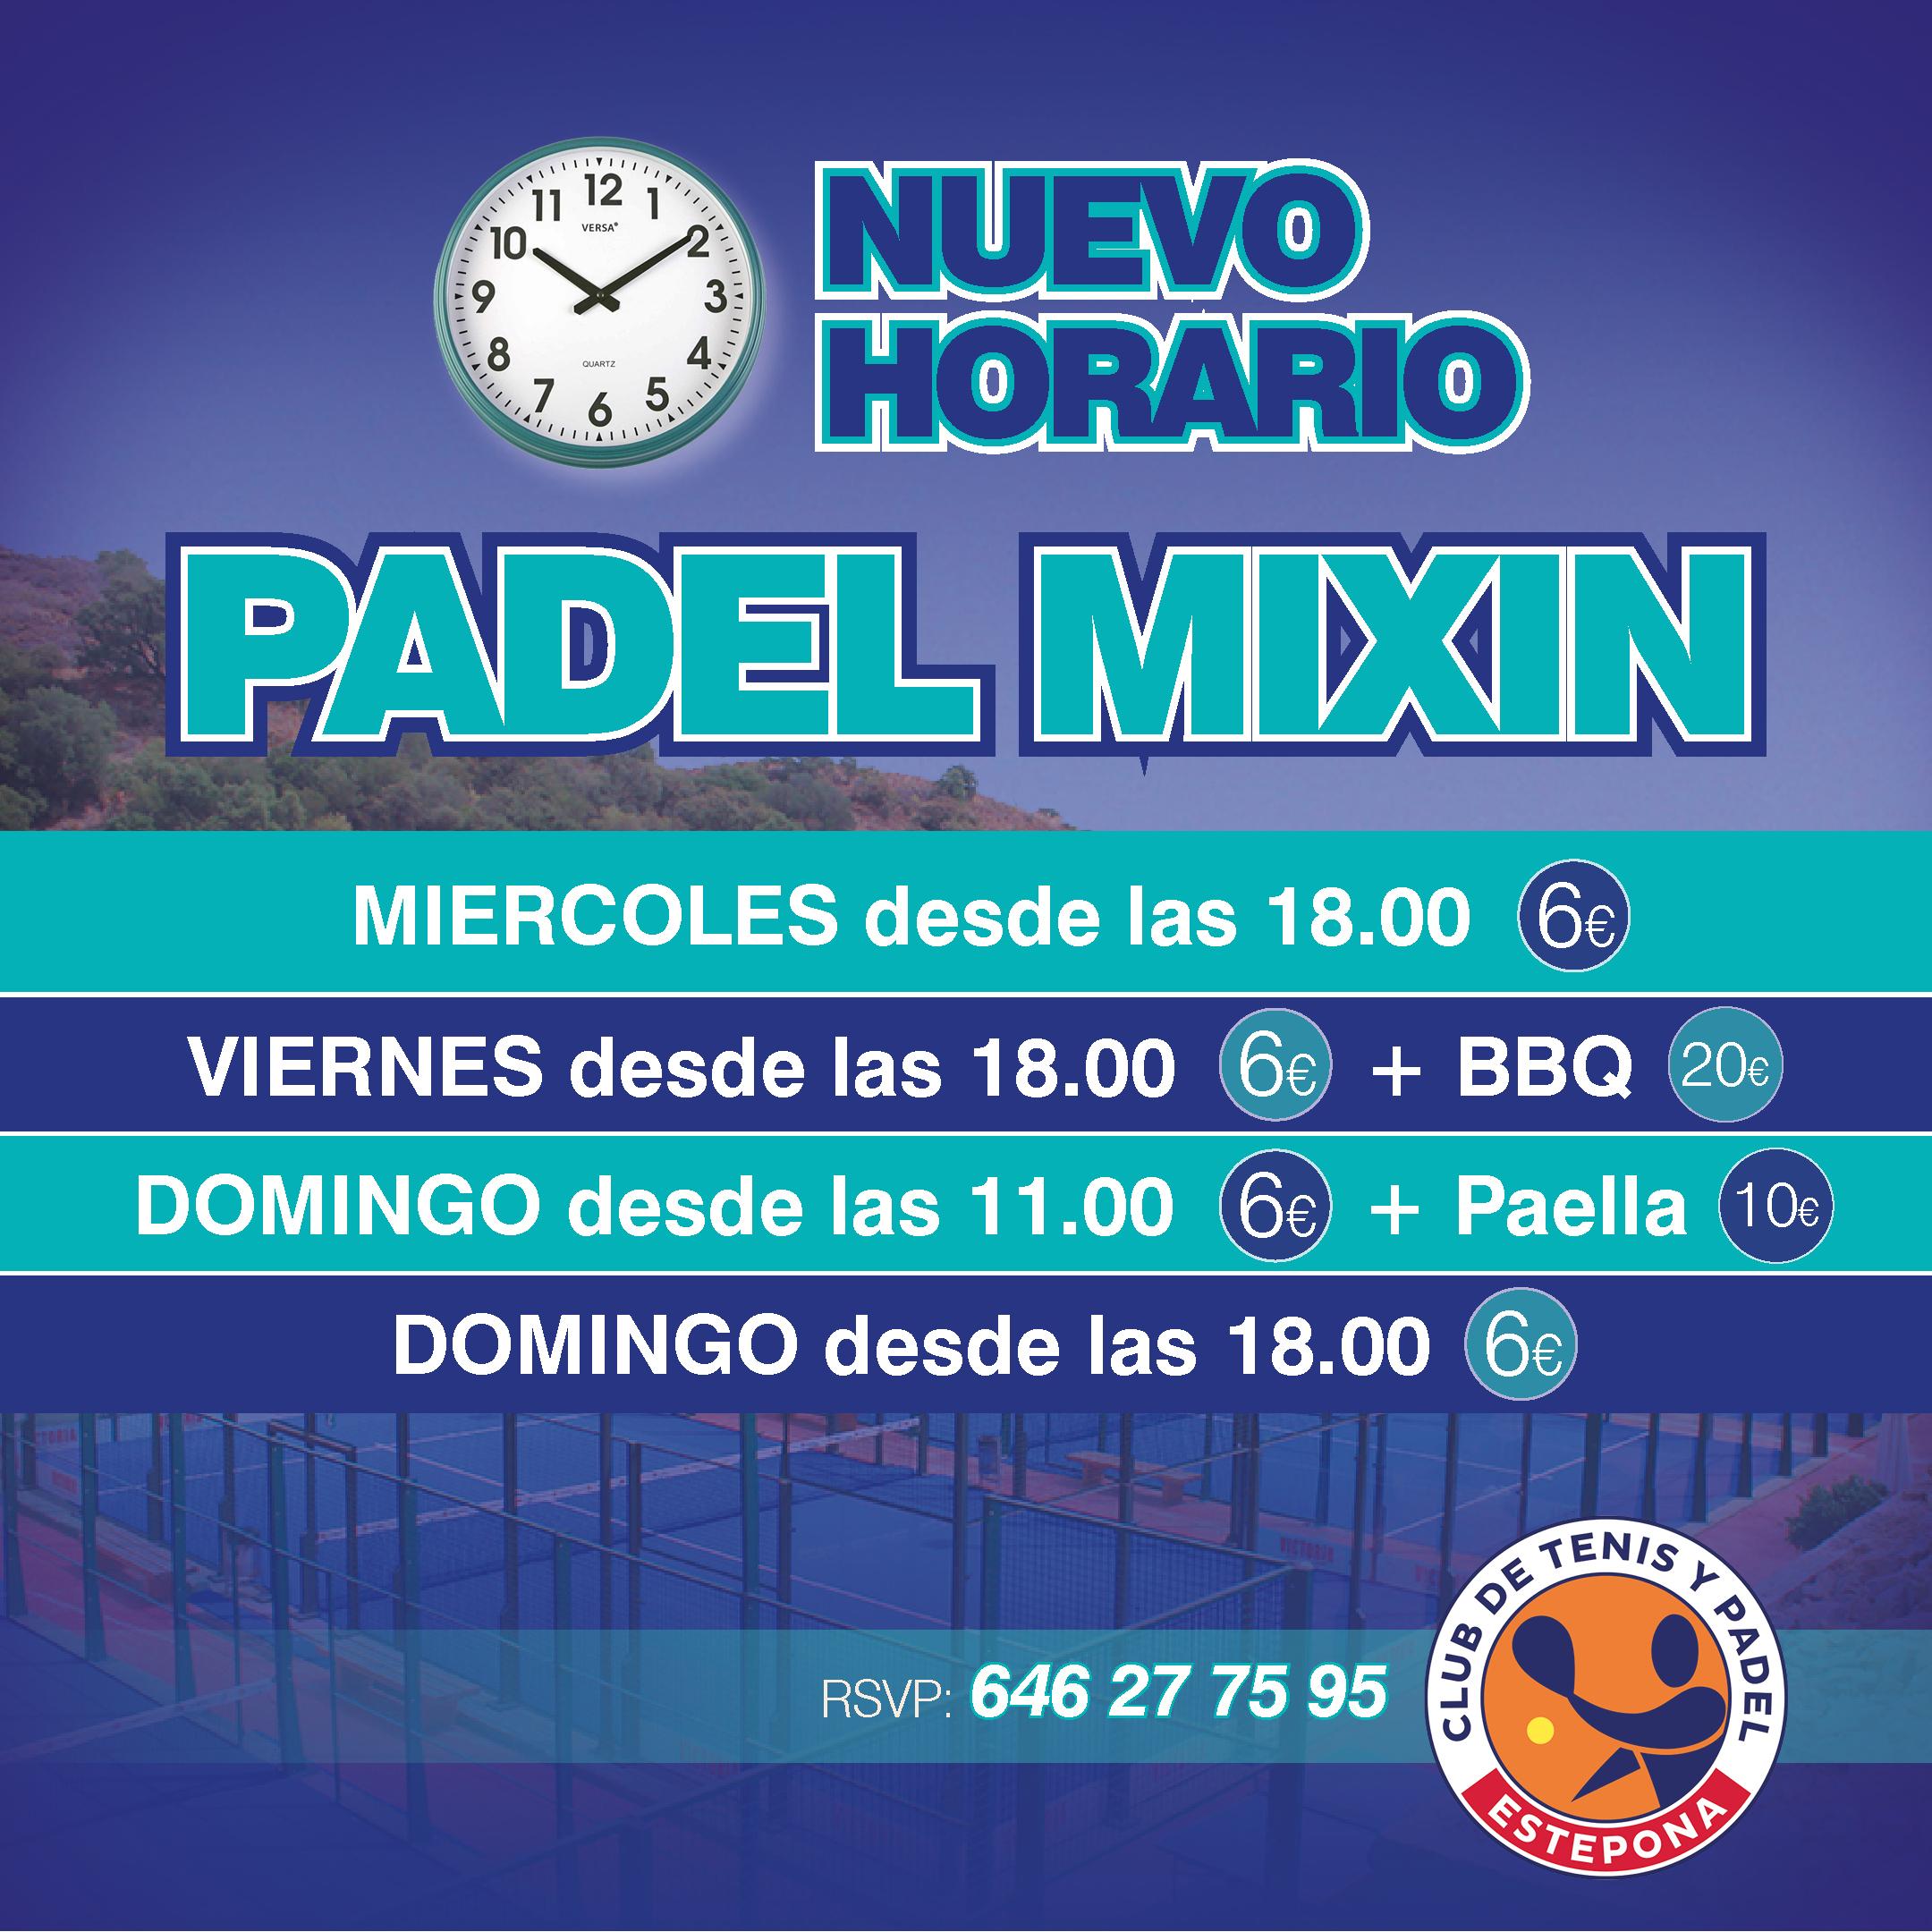 Nuevos Horarios Mixin de Padel